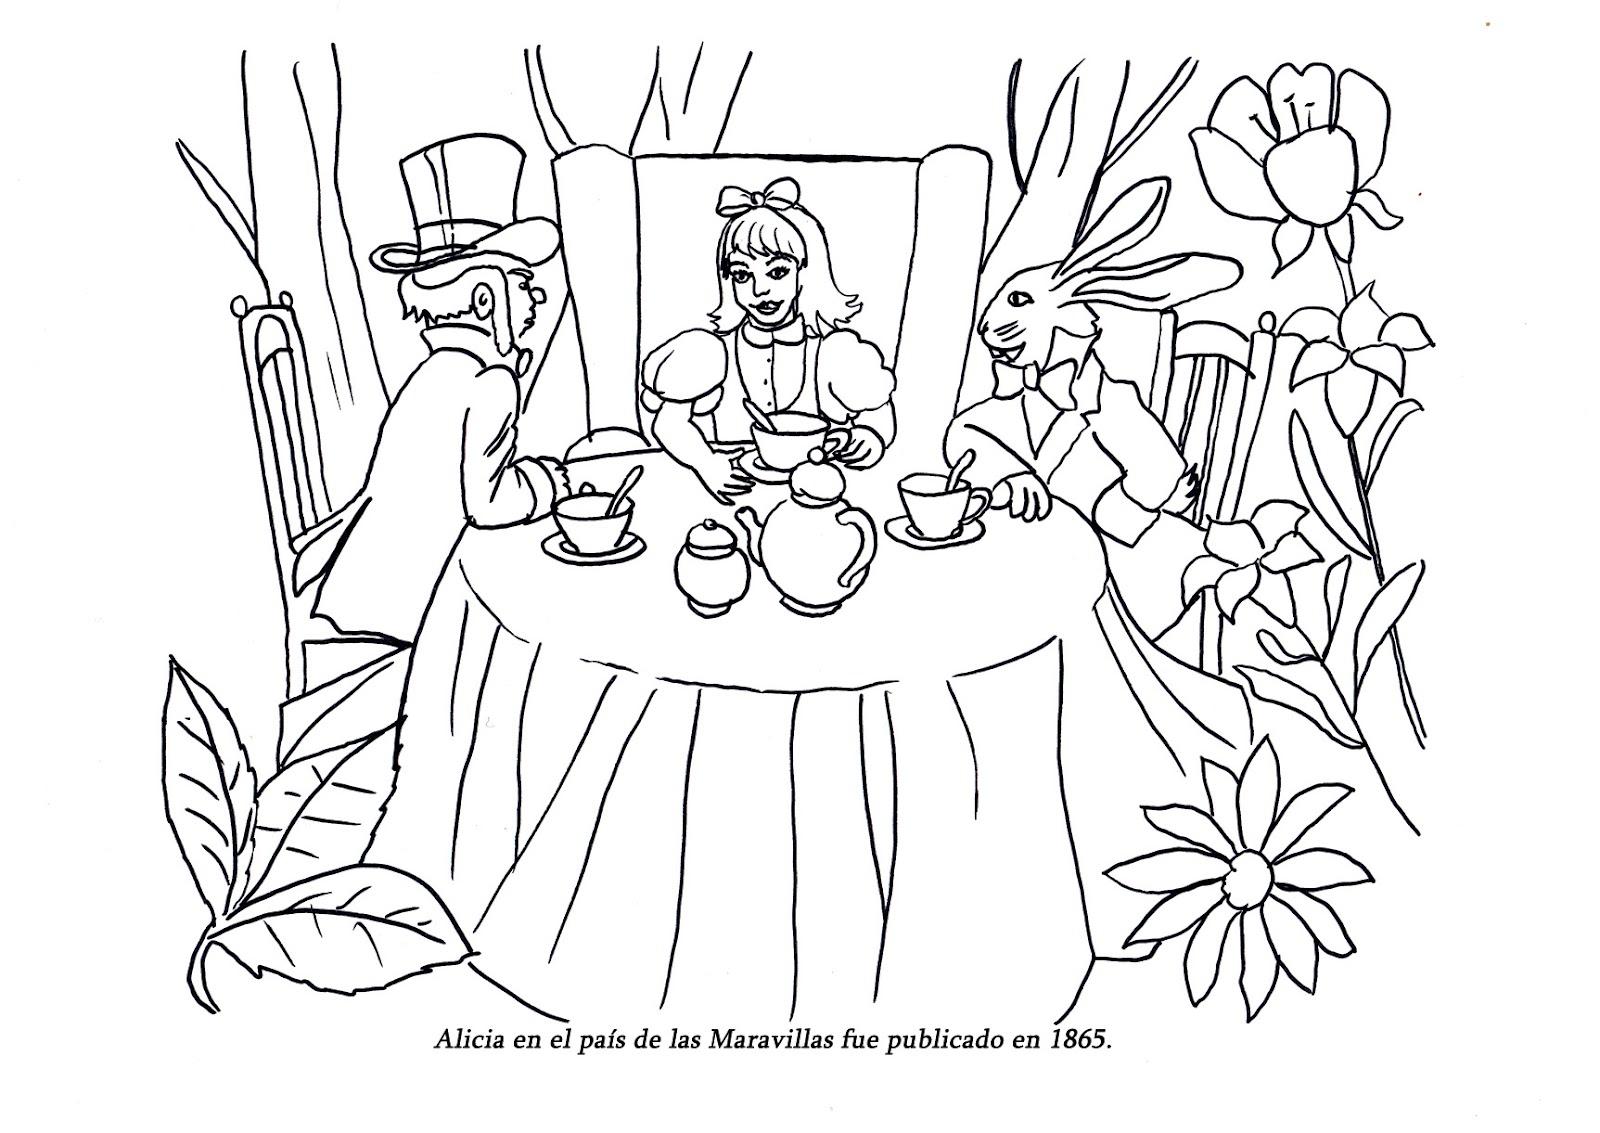 Ser ahorrativo: Dibujos gratis para colorear de cuentos